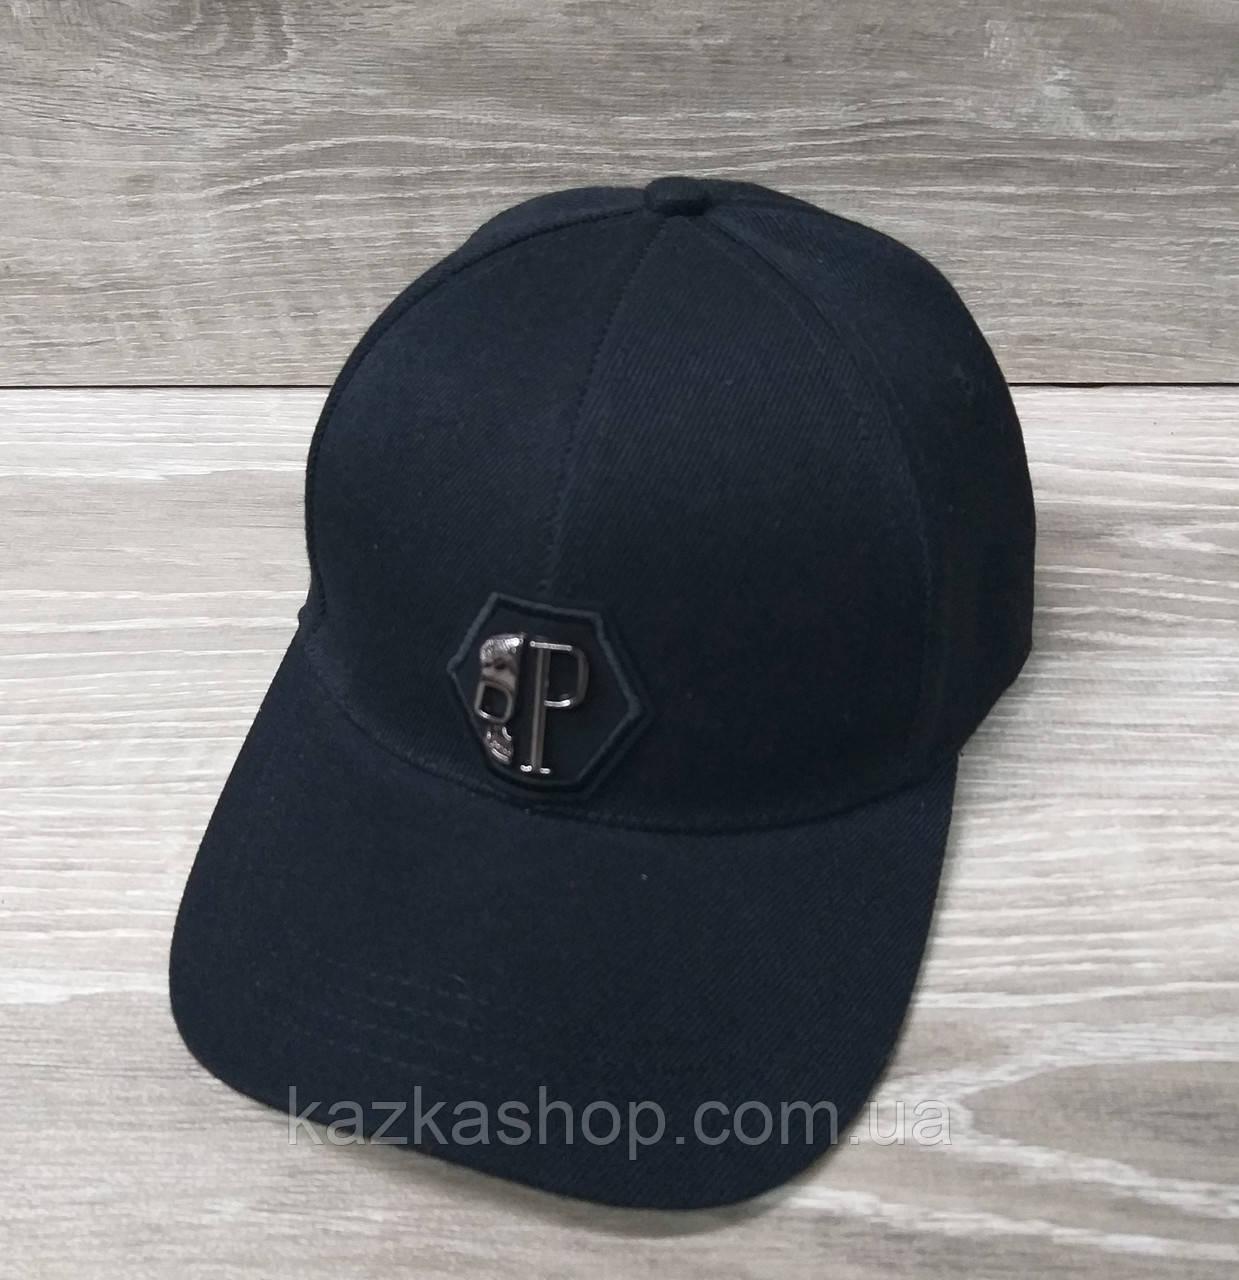 Мужская, унисекс кепка, бейсболка, с вставкой РР размер 56-58, на регуляторе